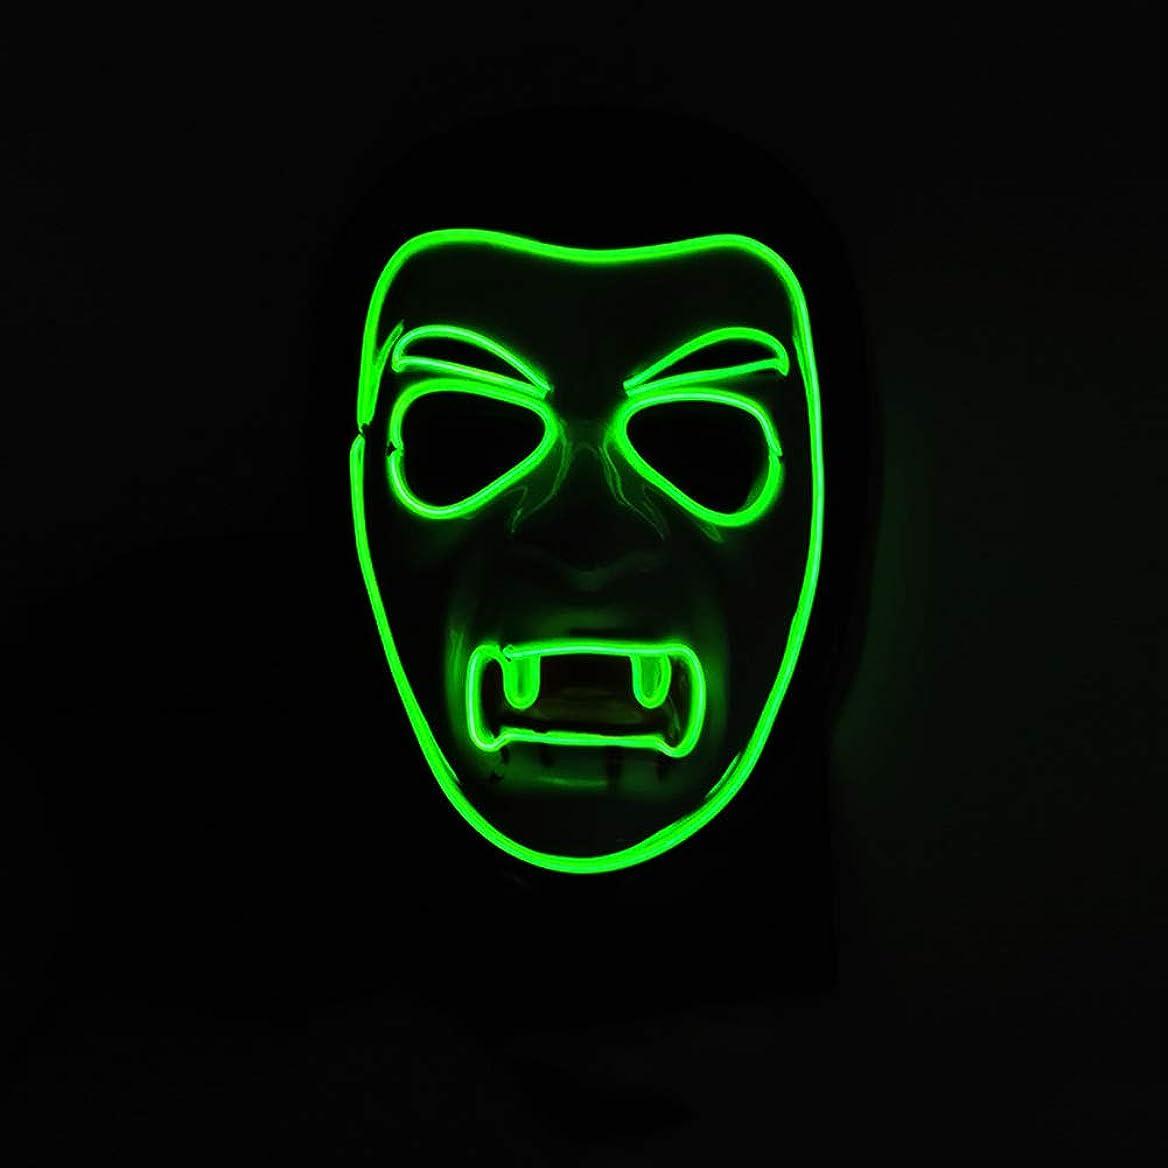 厚い好奇心兄ハロウィン 吸血鬼 テロ イルミネーション LED マスク エル ワイヤー 化粧 プロム パーティー 装飾 マスク (18 * 18 * 9センチメートル) MAG.AL